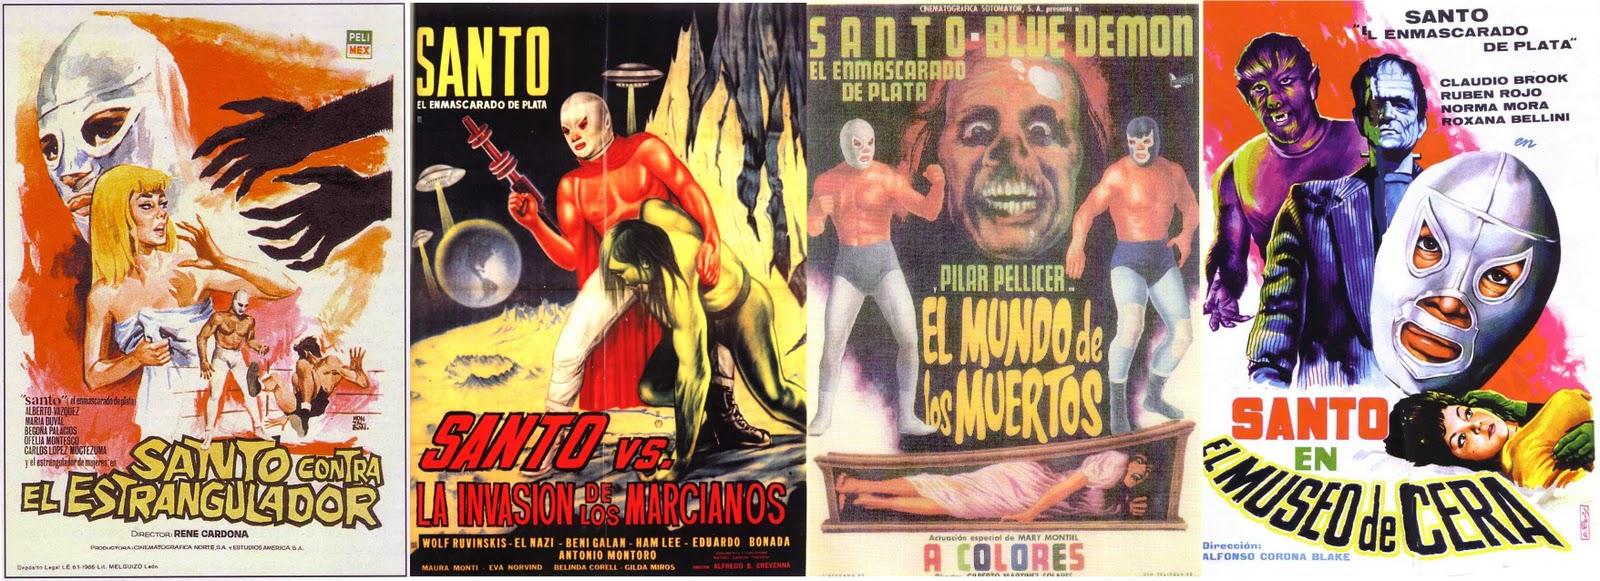 las pel culas del santo fueron consideradas verdaderas joyas de un supuesto cine surrealista mexicano pues suponen que la ingenuidad y el extremo